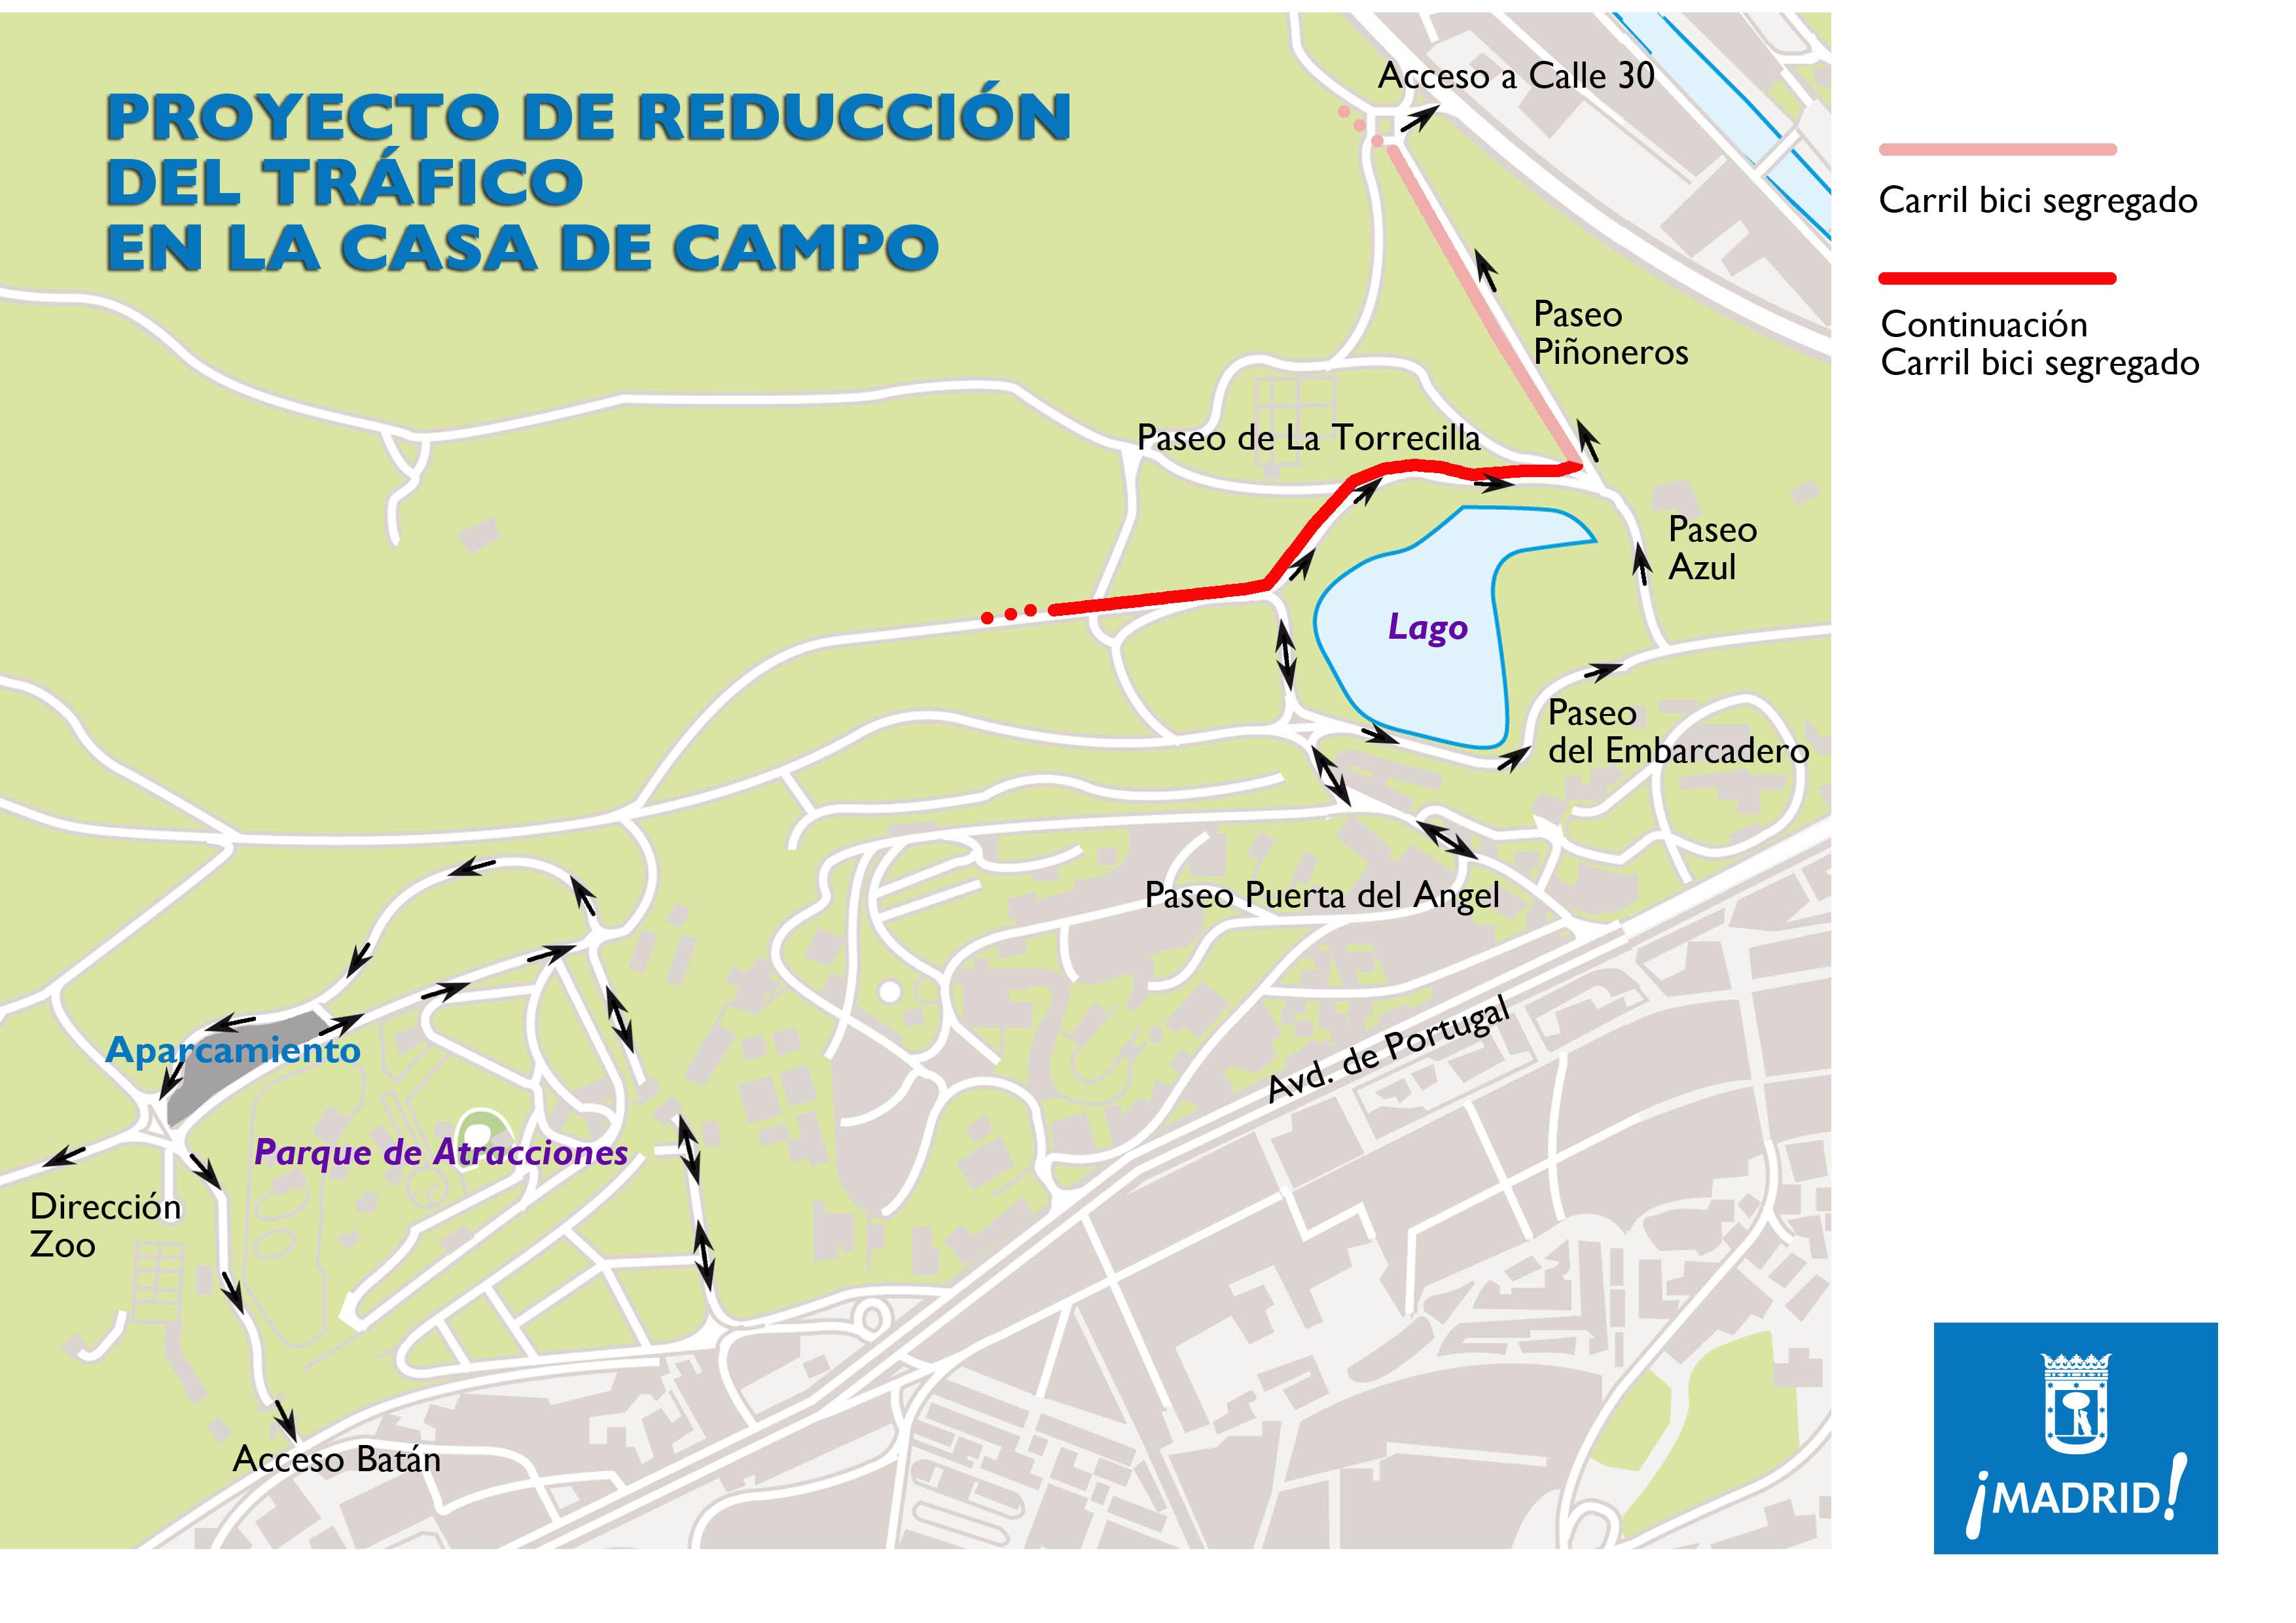 Nuevos itinerarios en casa de campo ayuntamiento de madrid - Mapa de la casa de campo ...